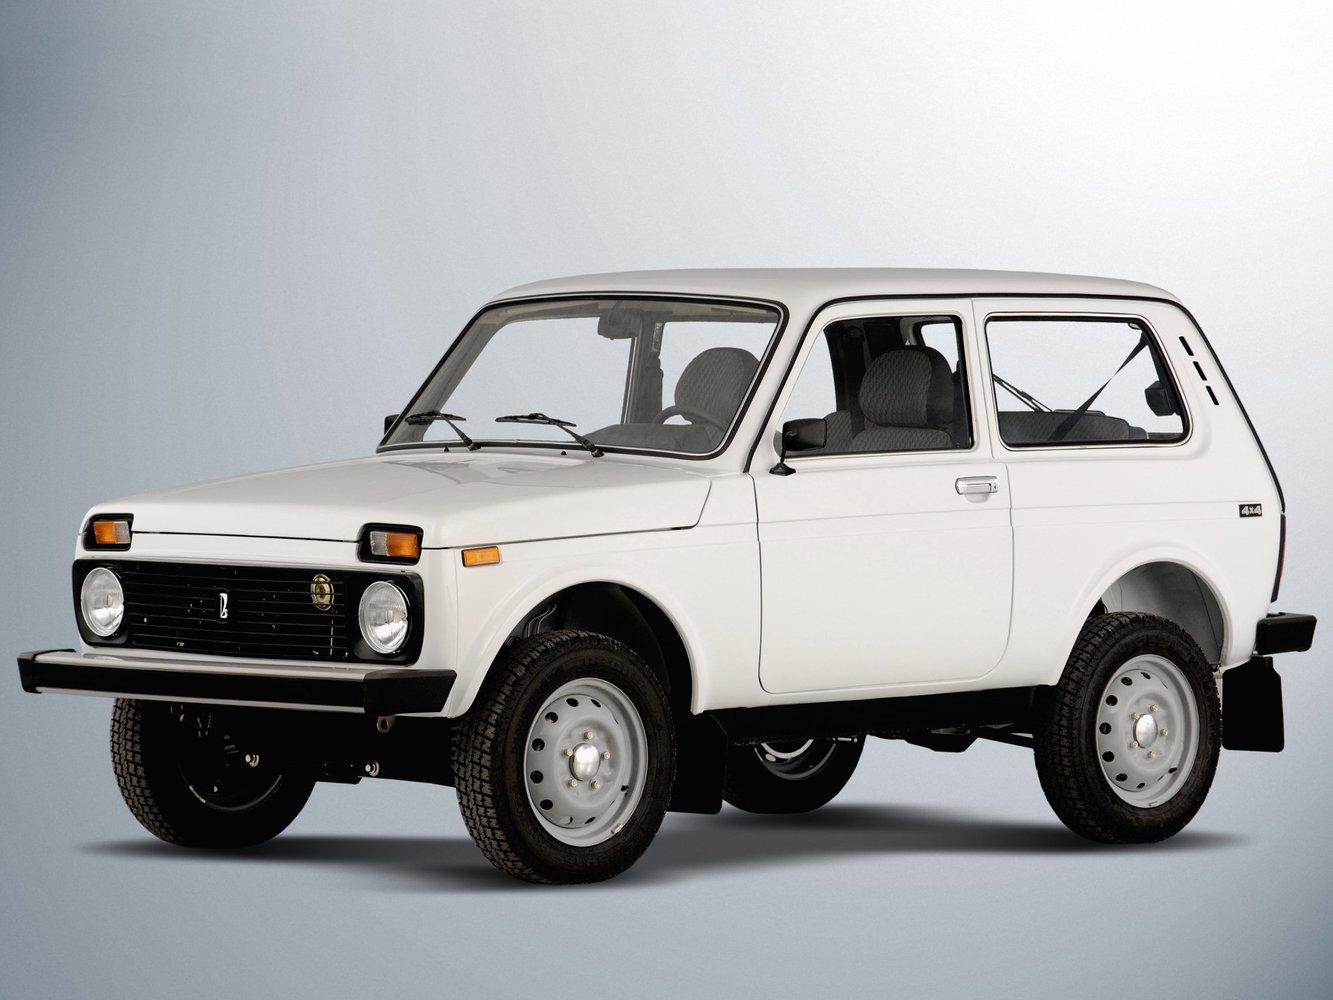 внедорожник 2121 ВАЗ (Lada) 2121 (4x4)